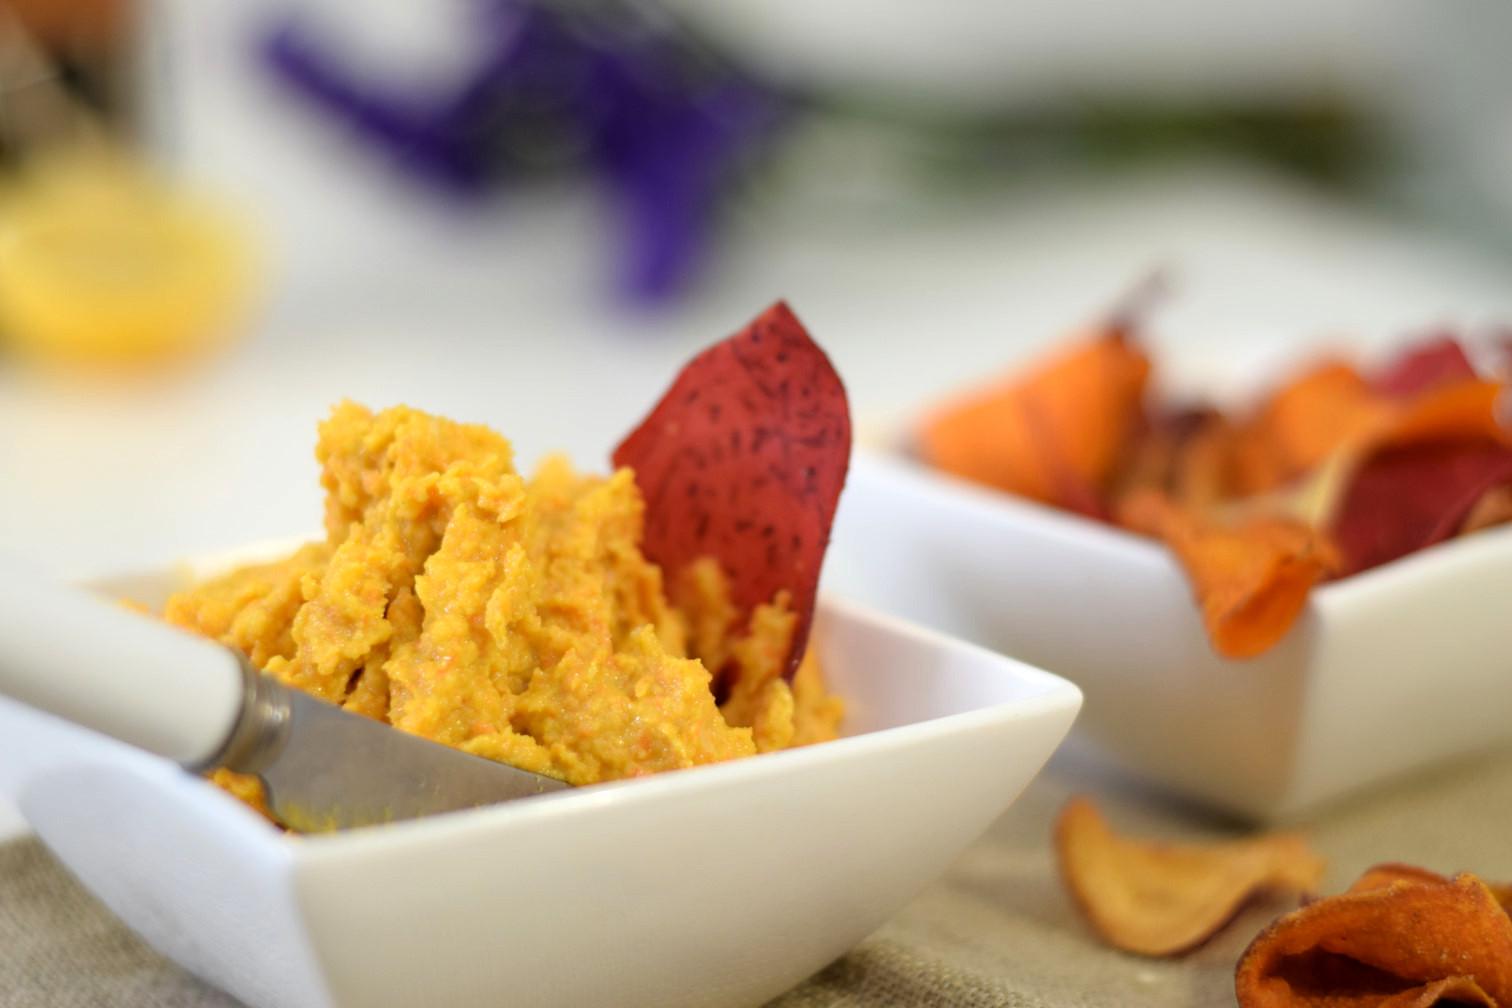 sesame tahini paste with carrot recipe03